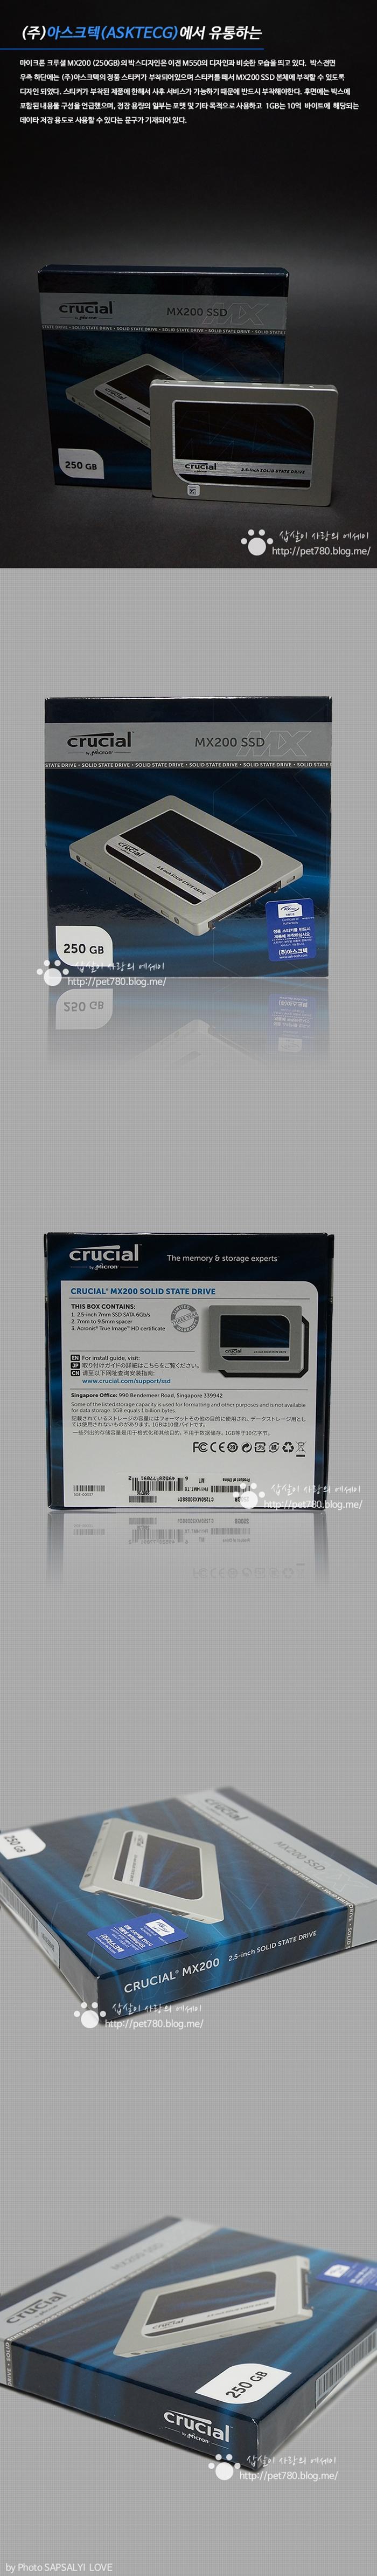 마이크론 MX200 패키지 SSD 추천.jpg